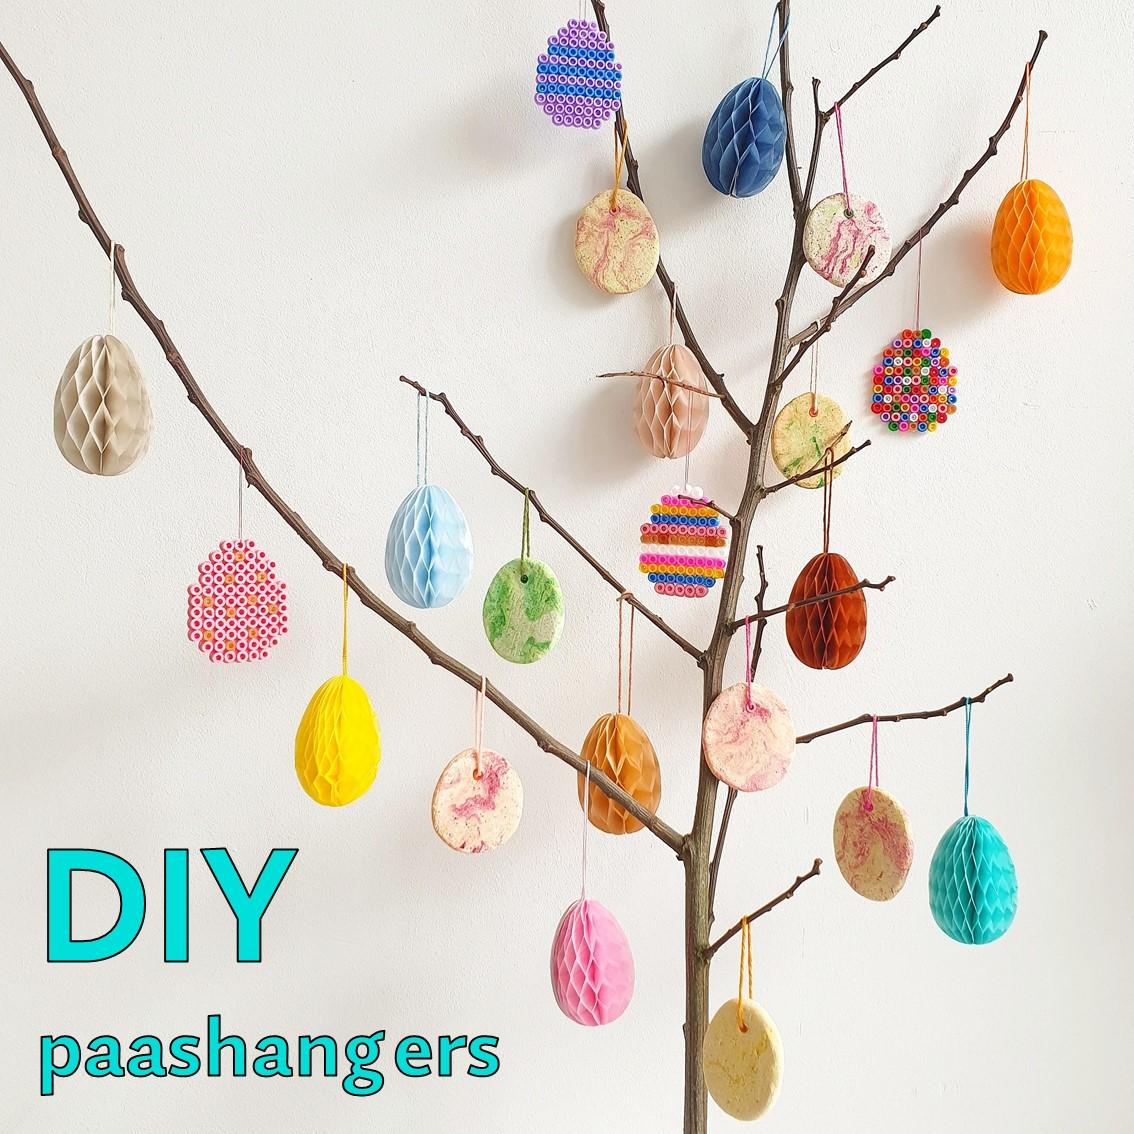 DIY paastakken: paashangers knutselen met kinderen